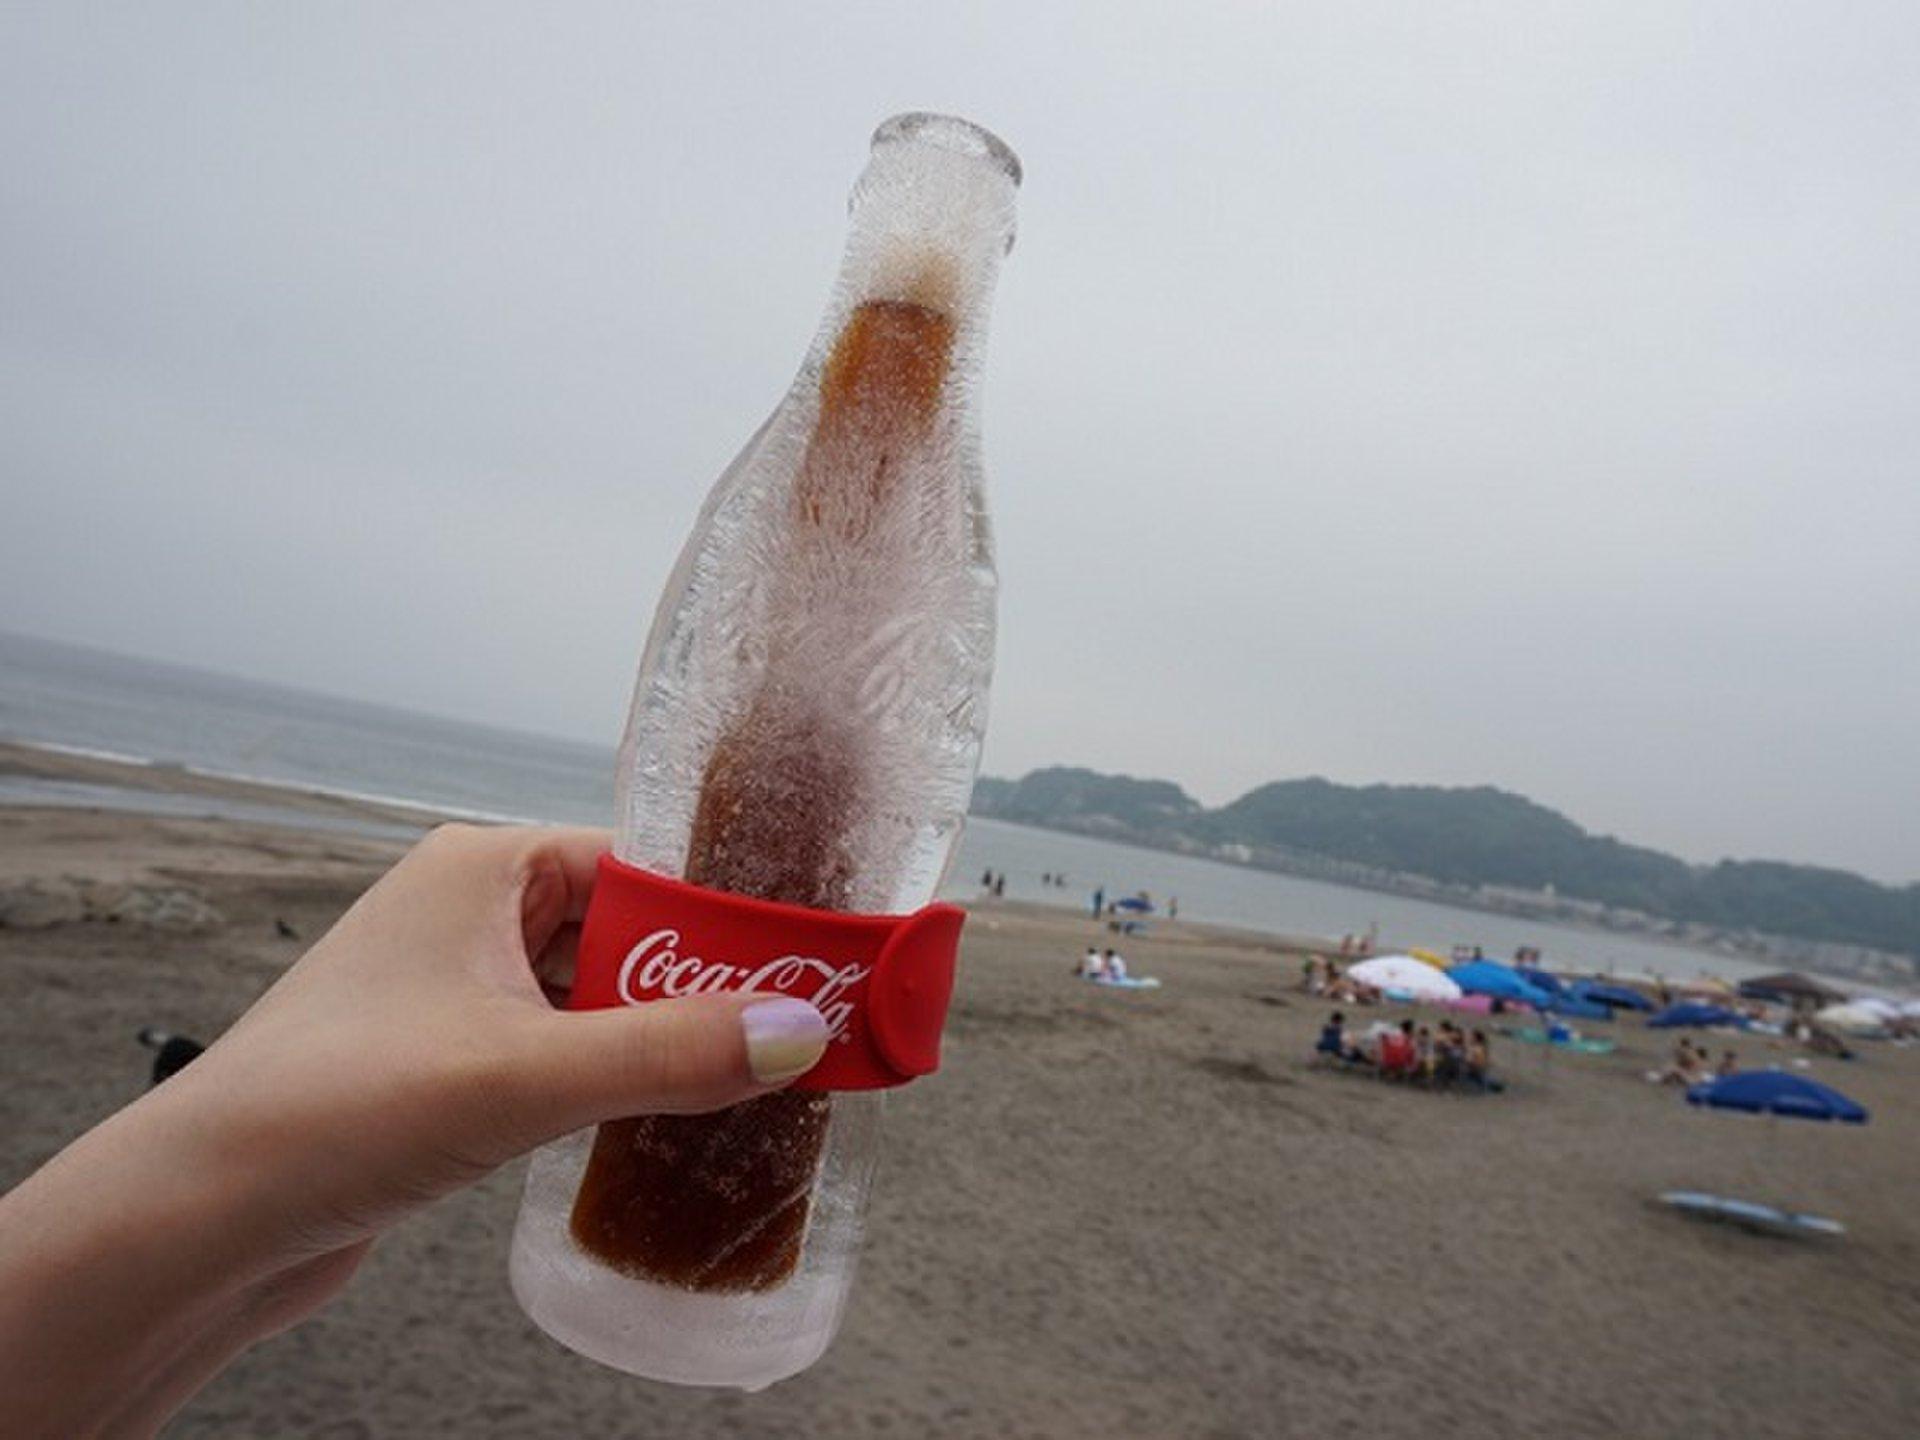 コカ・コーラ『氷のコンツアーボトル』でキンキンに冷えたコカ・コーラを飲む!